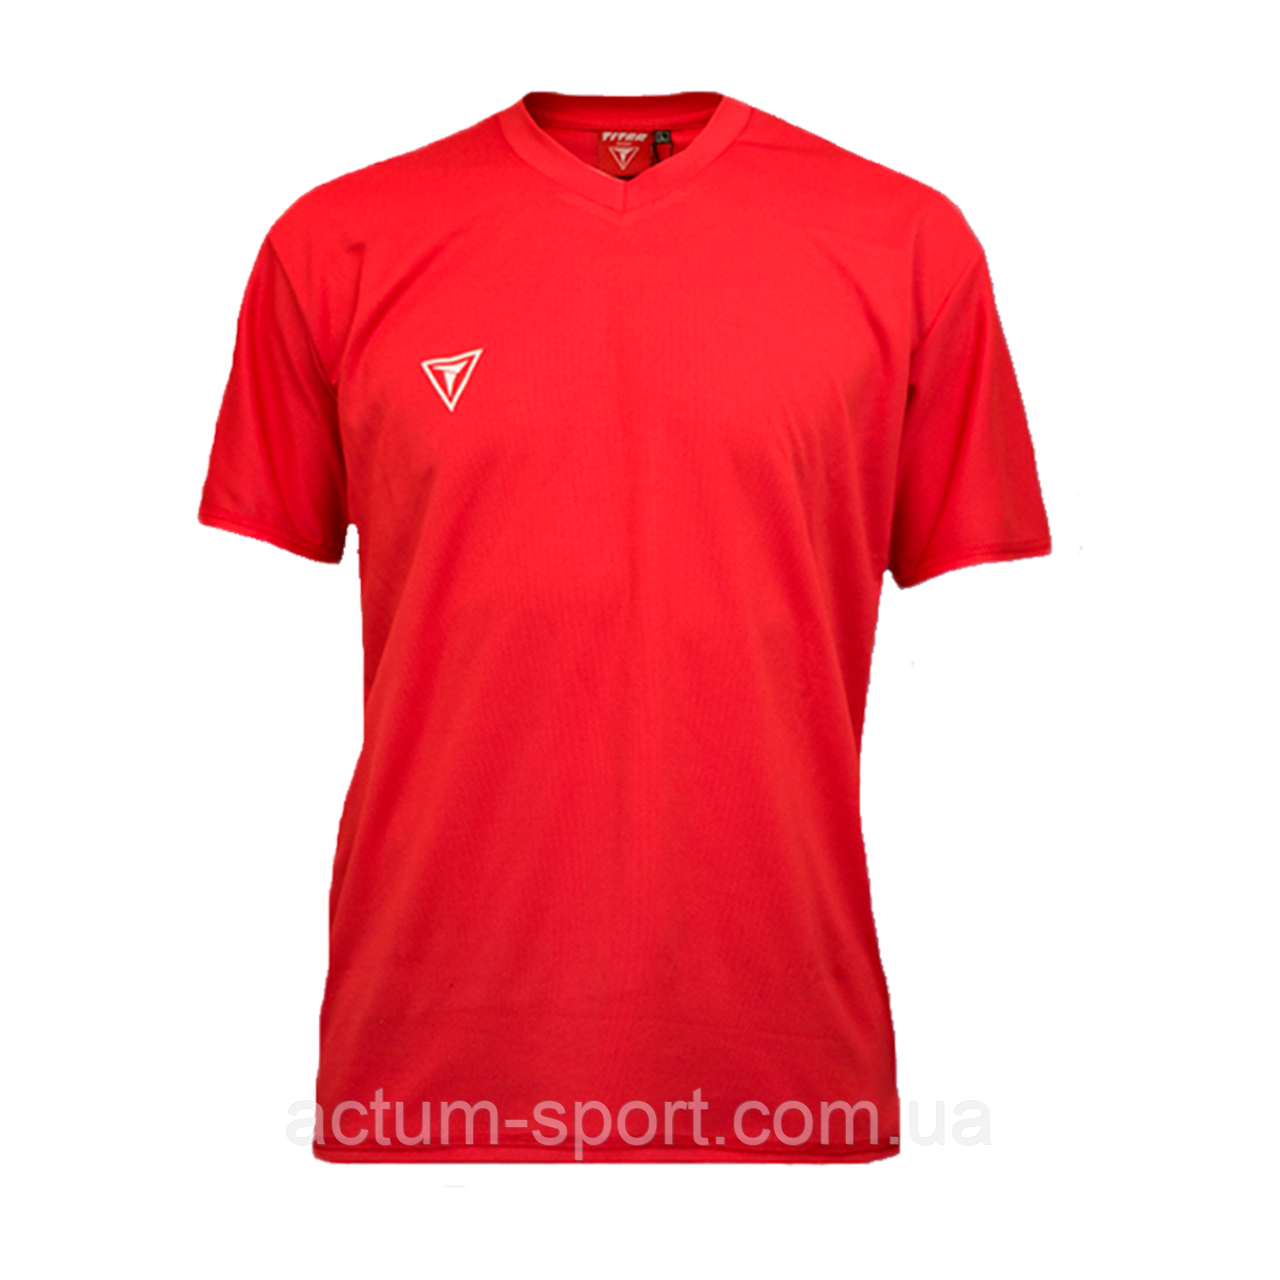 Футболка игровая Universal Titar Красный, XS